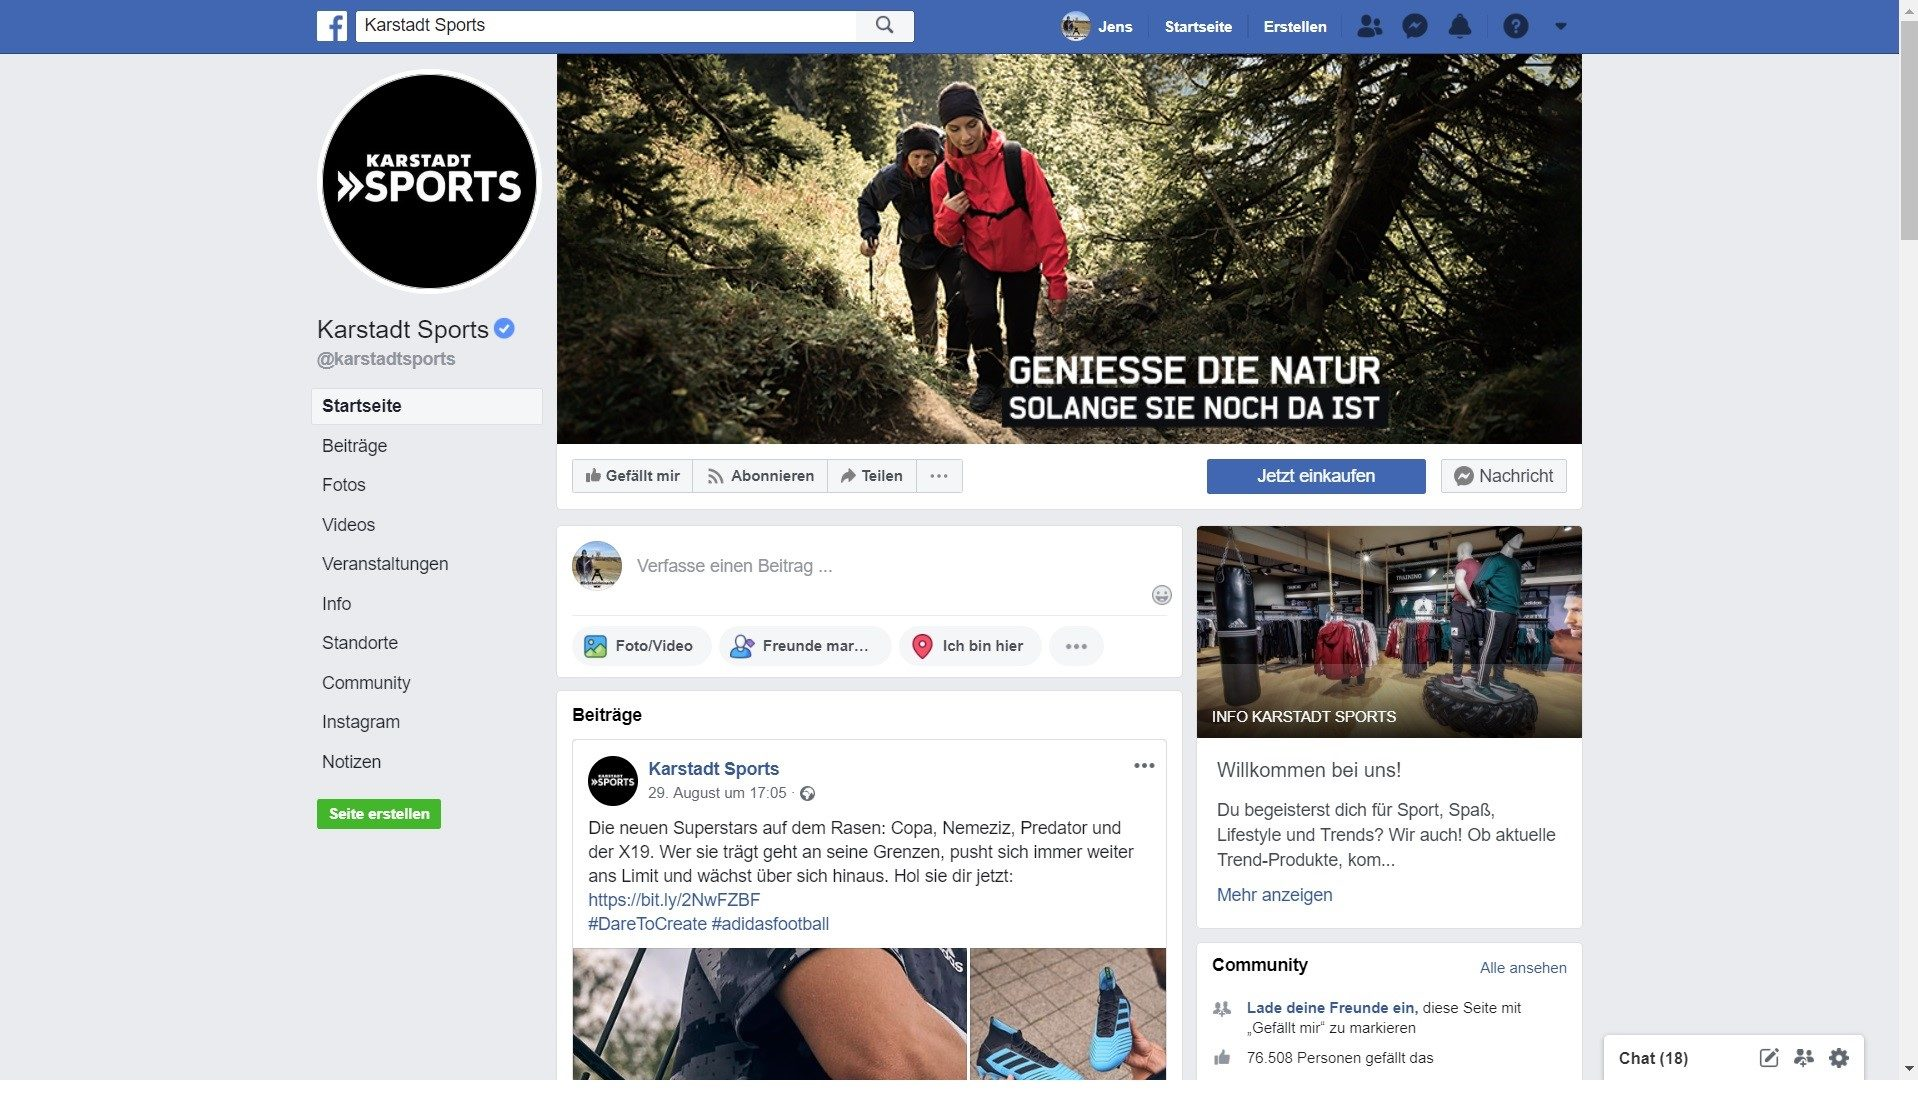 Werbung mit dem Klimawandel - Karstadt Sports Facebook